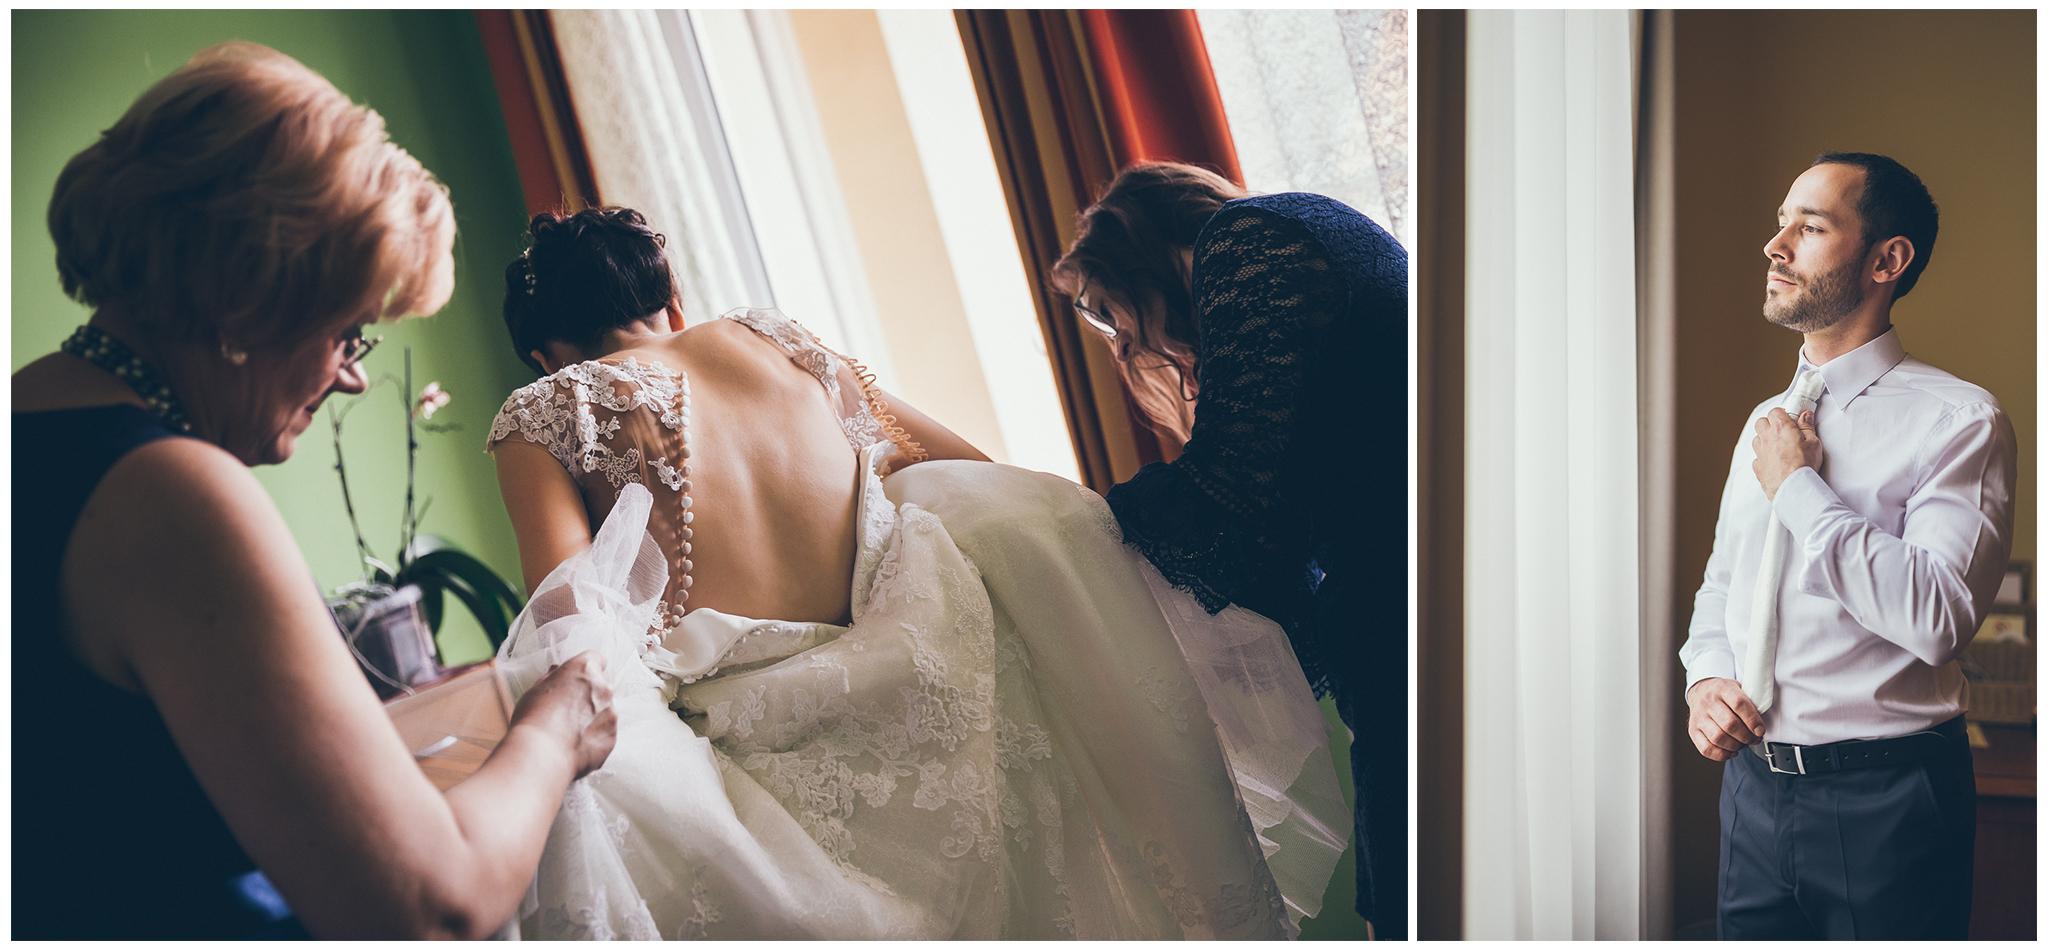 FylepPhoto, esküvőfotós, esküvői fotós Körmend, Szombathely, esküvőfotózás, magyarország, vas megye, prémium, jegyesfotózás, Fülöp Péter, körmend, kreatív, fotográfus_009.jpg